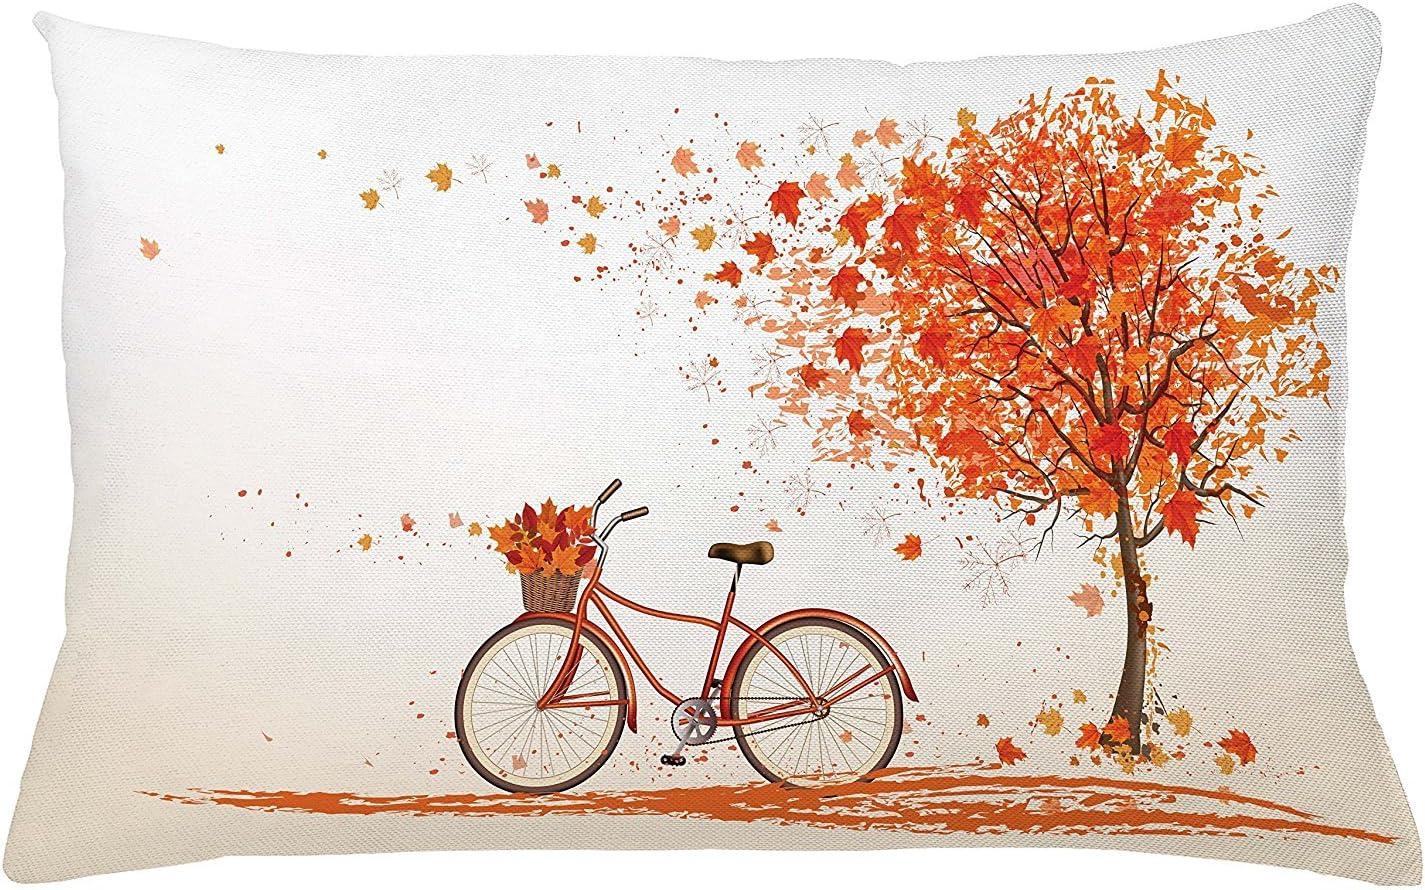 fringcoook Funda de cojín para bicicleta, diseño de árbol de otoño con bicicleta vieja y árbol de otoño de noviembre: Amazon.es: Hogar